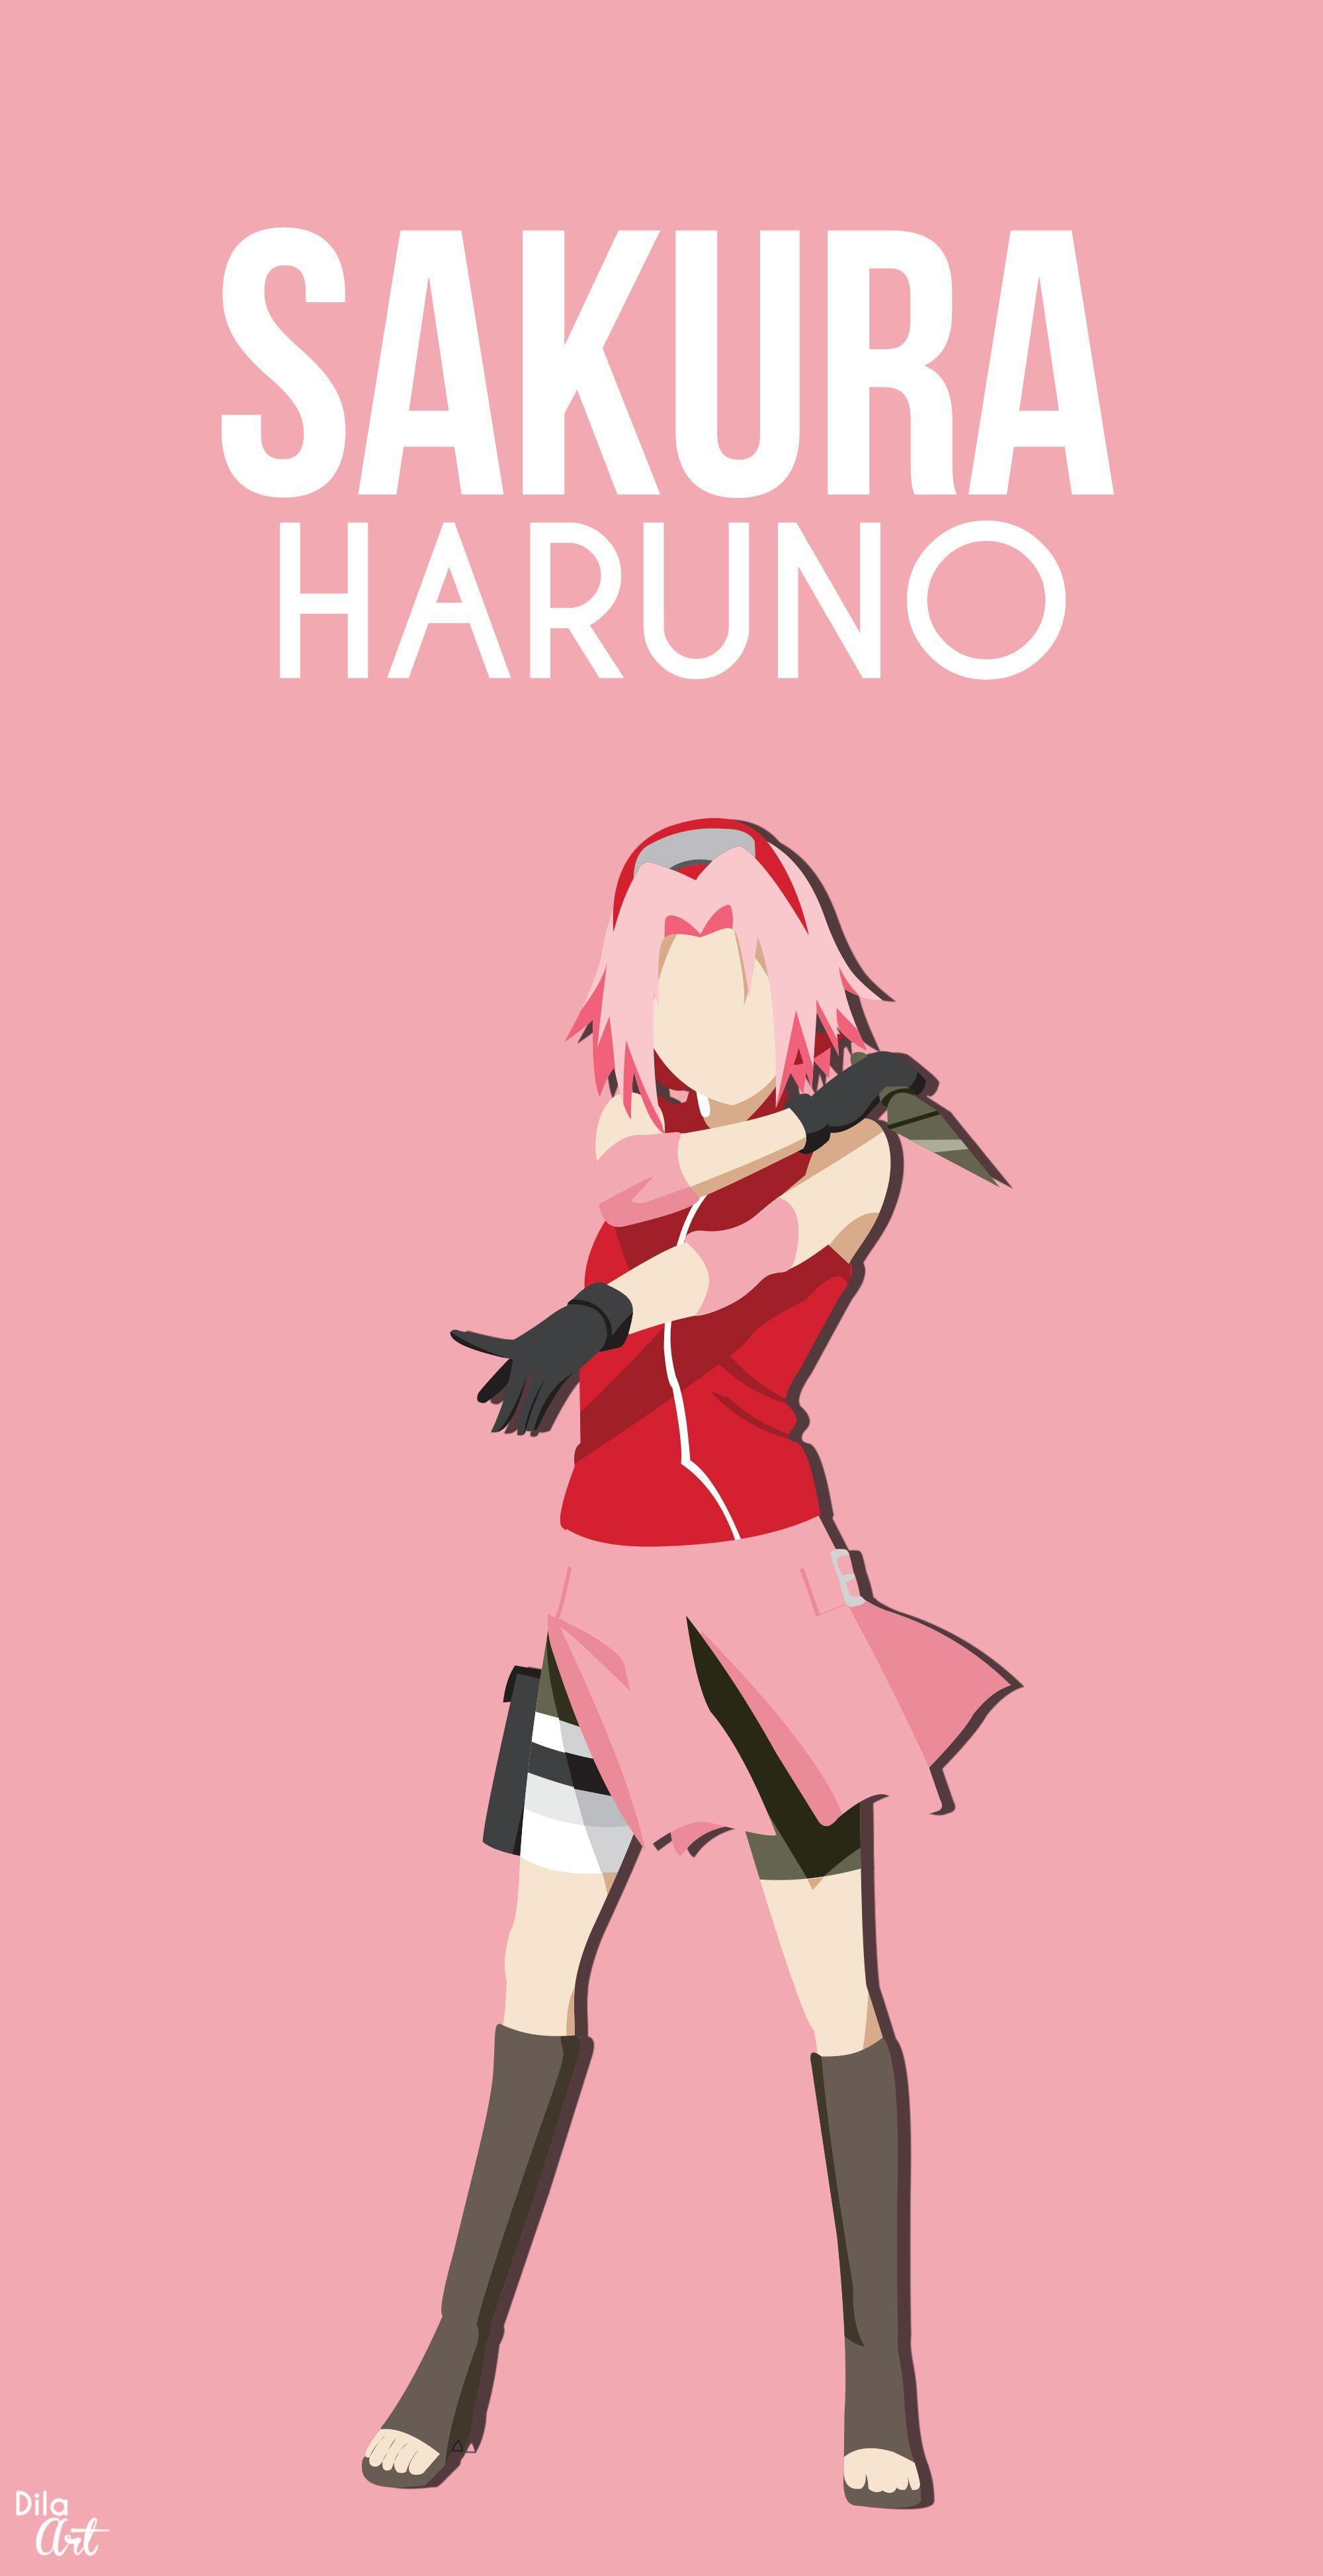 Sakura haruno / Nero wallpaper